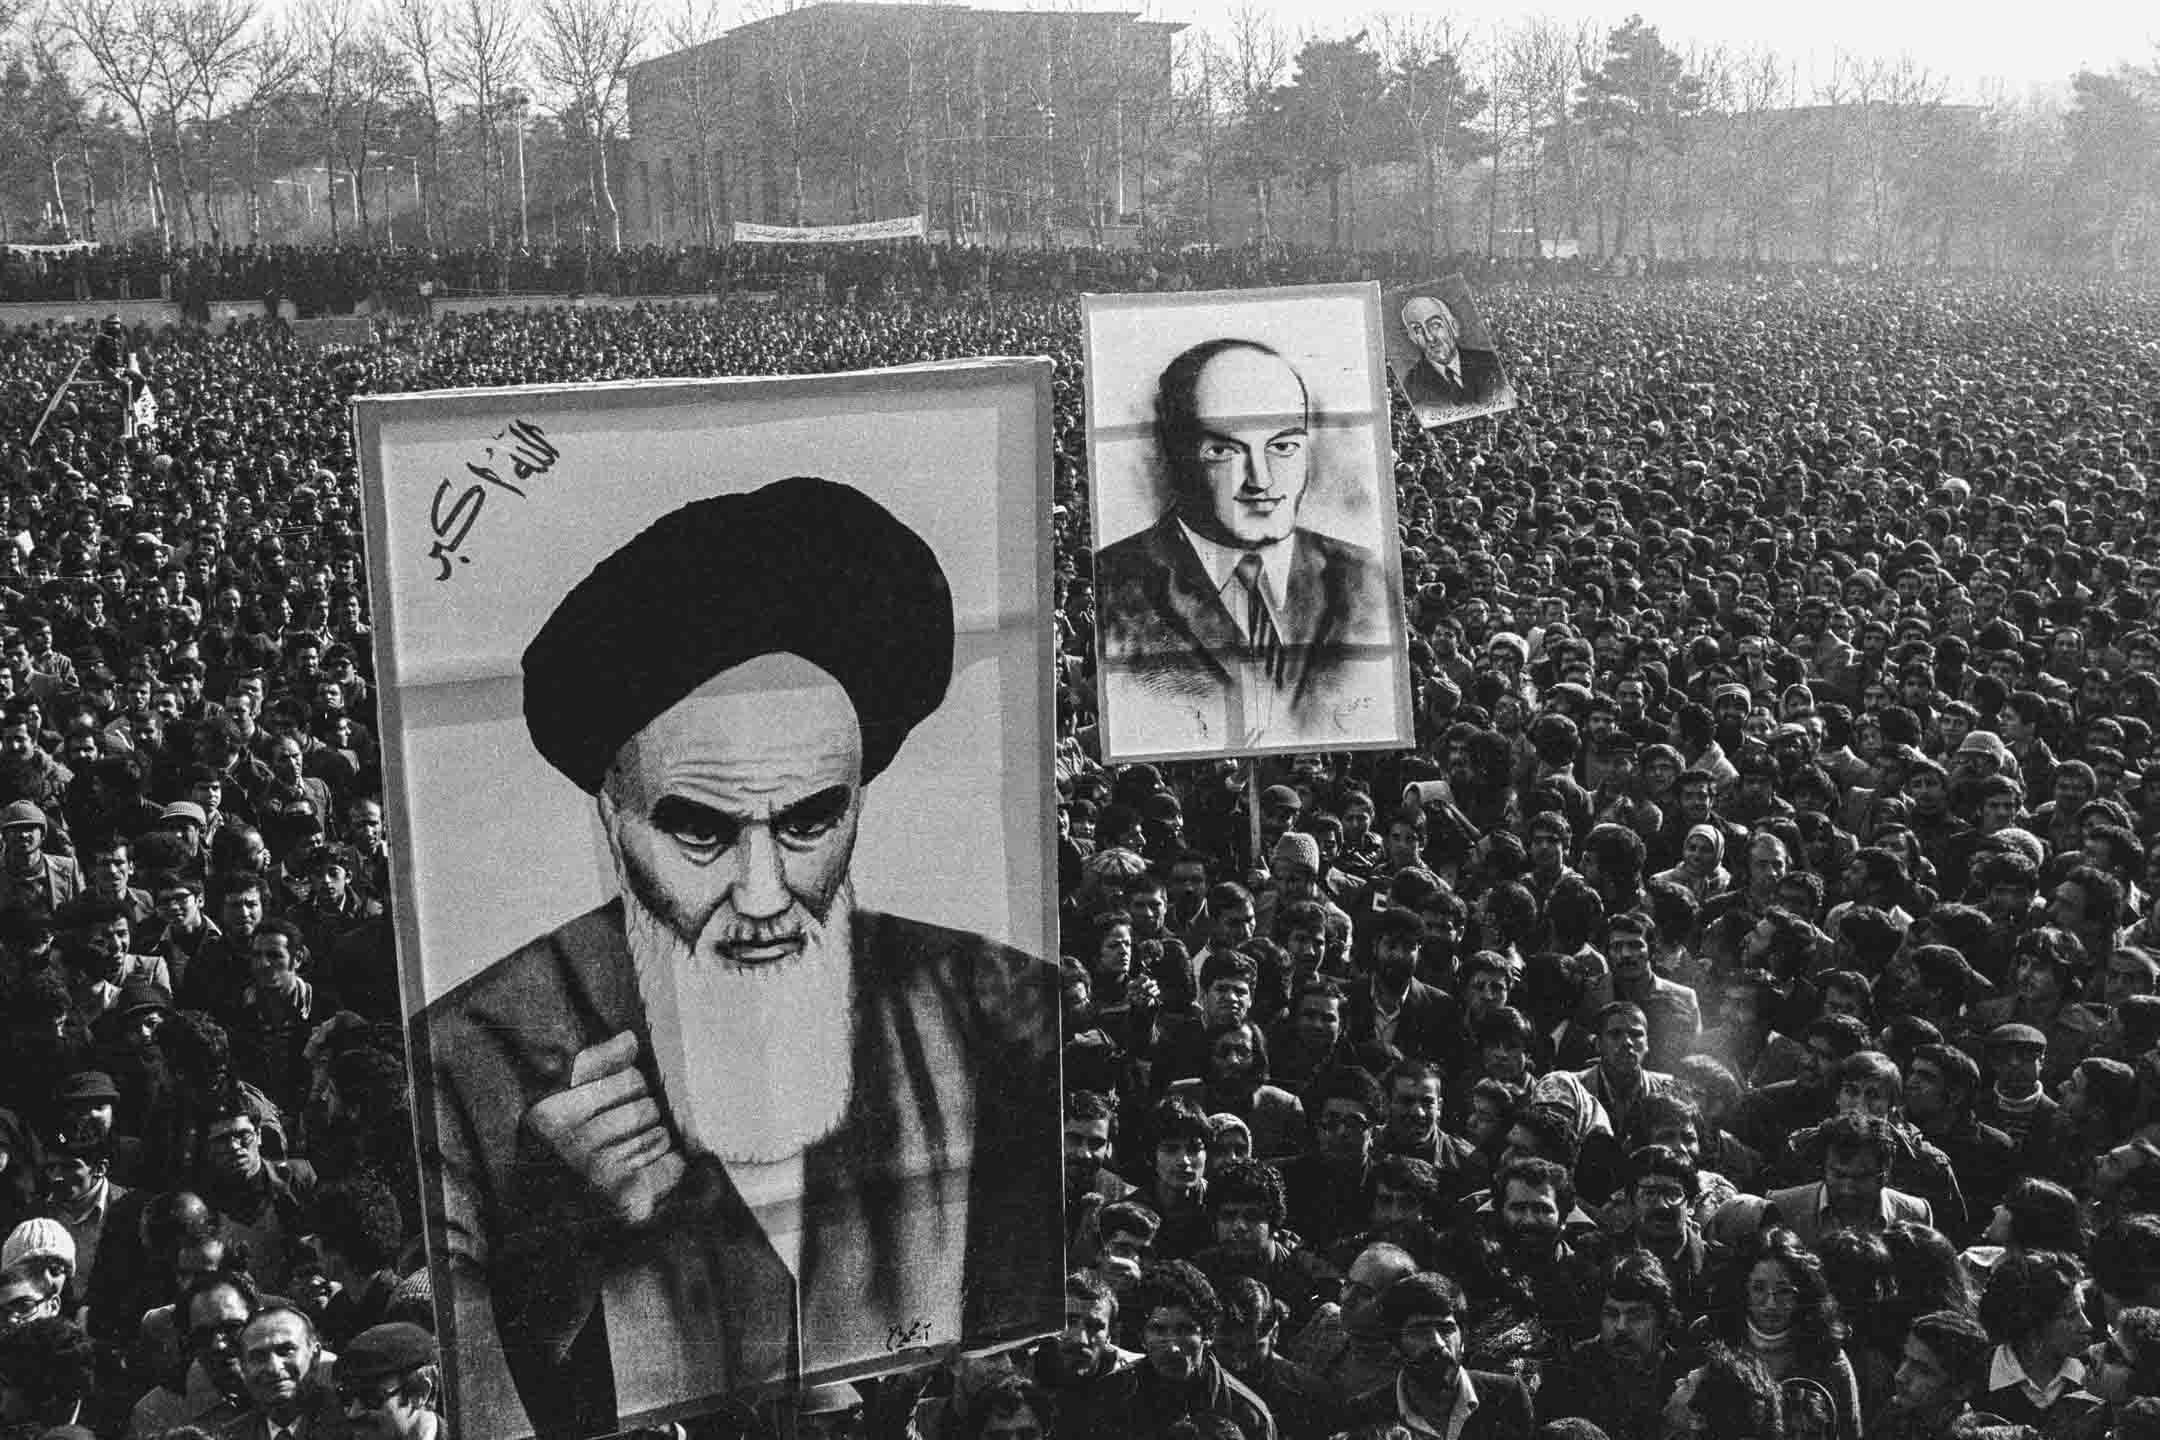 1979年1月13日,約四十萬名反對巴列維國王的示威者將在德黑蘭大學的校園進行大規模示威。 攝:Getty Images